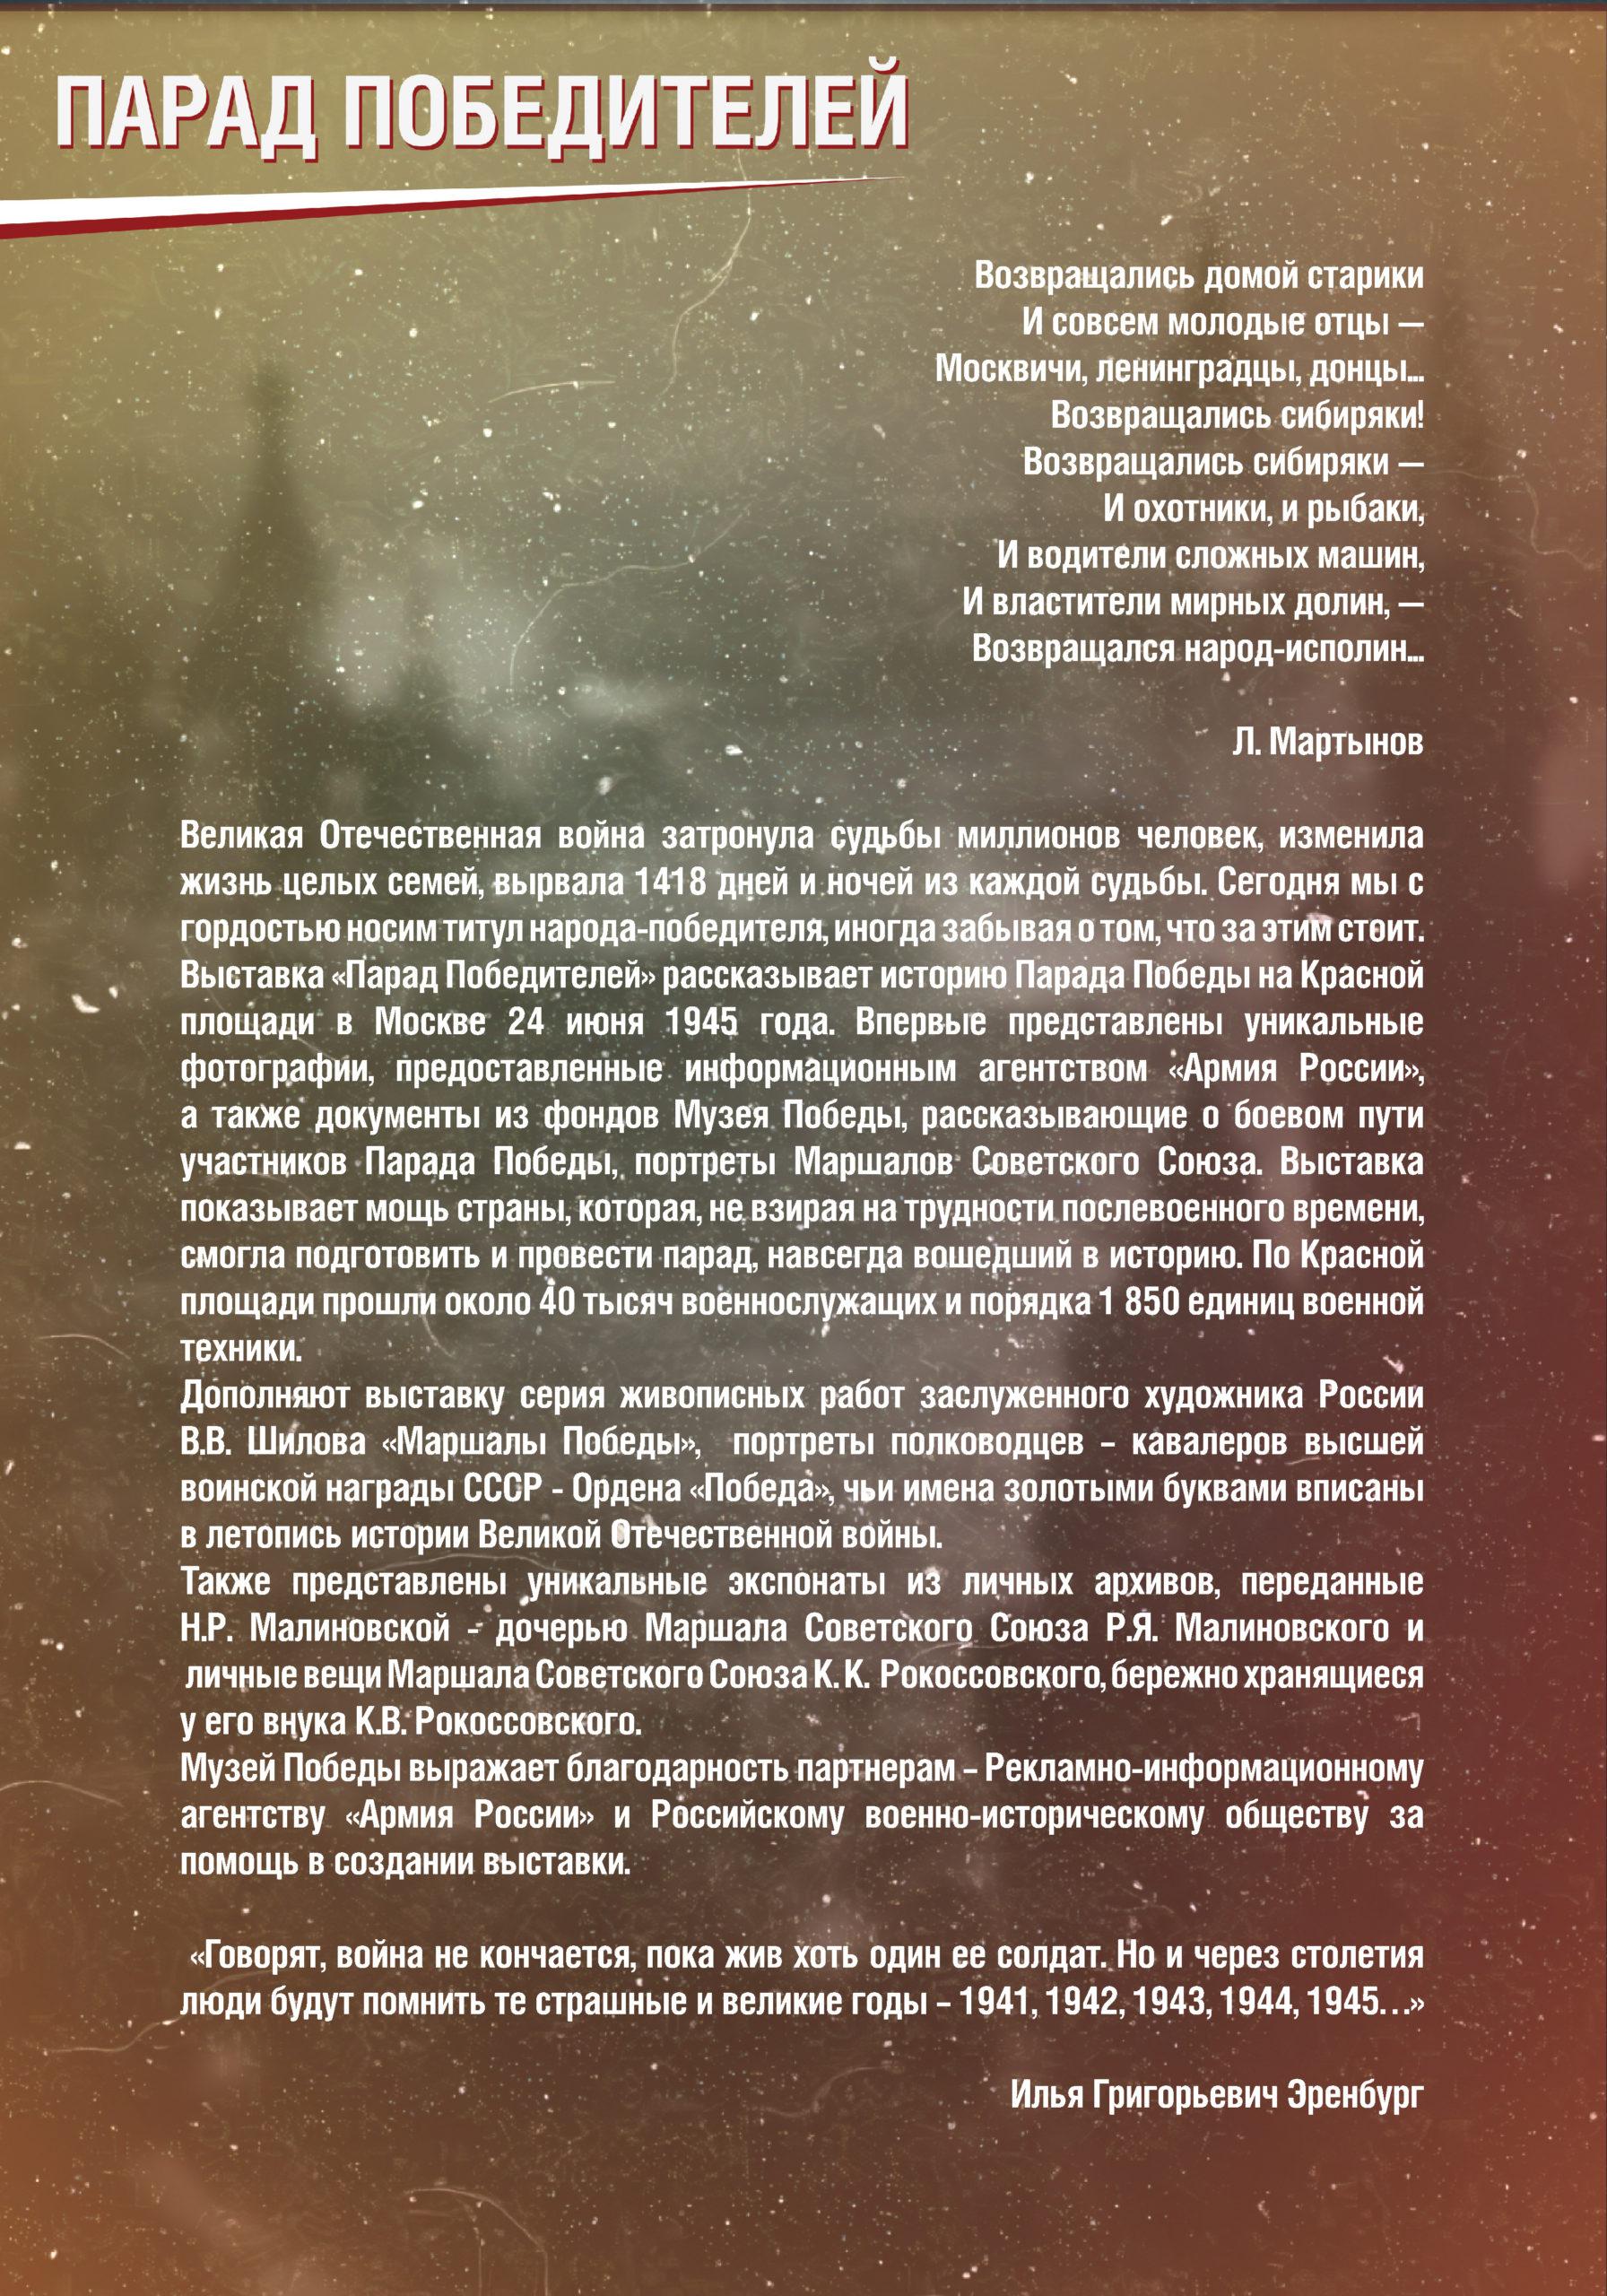 parad_pobediteley_1906_Page2